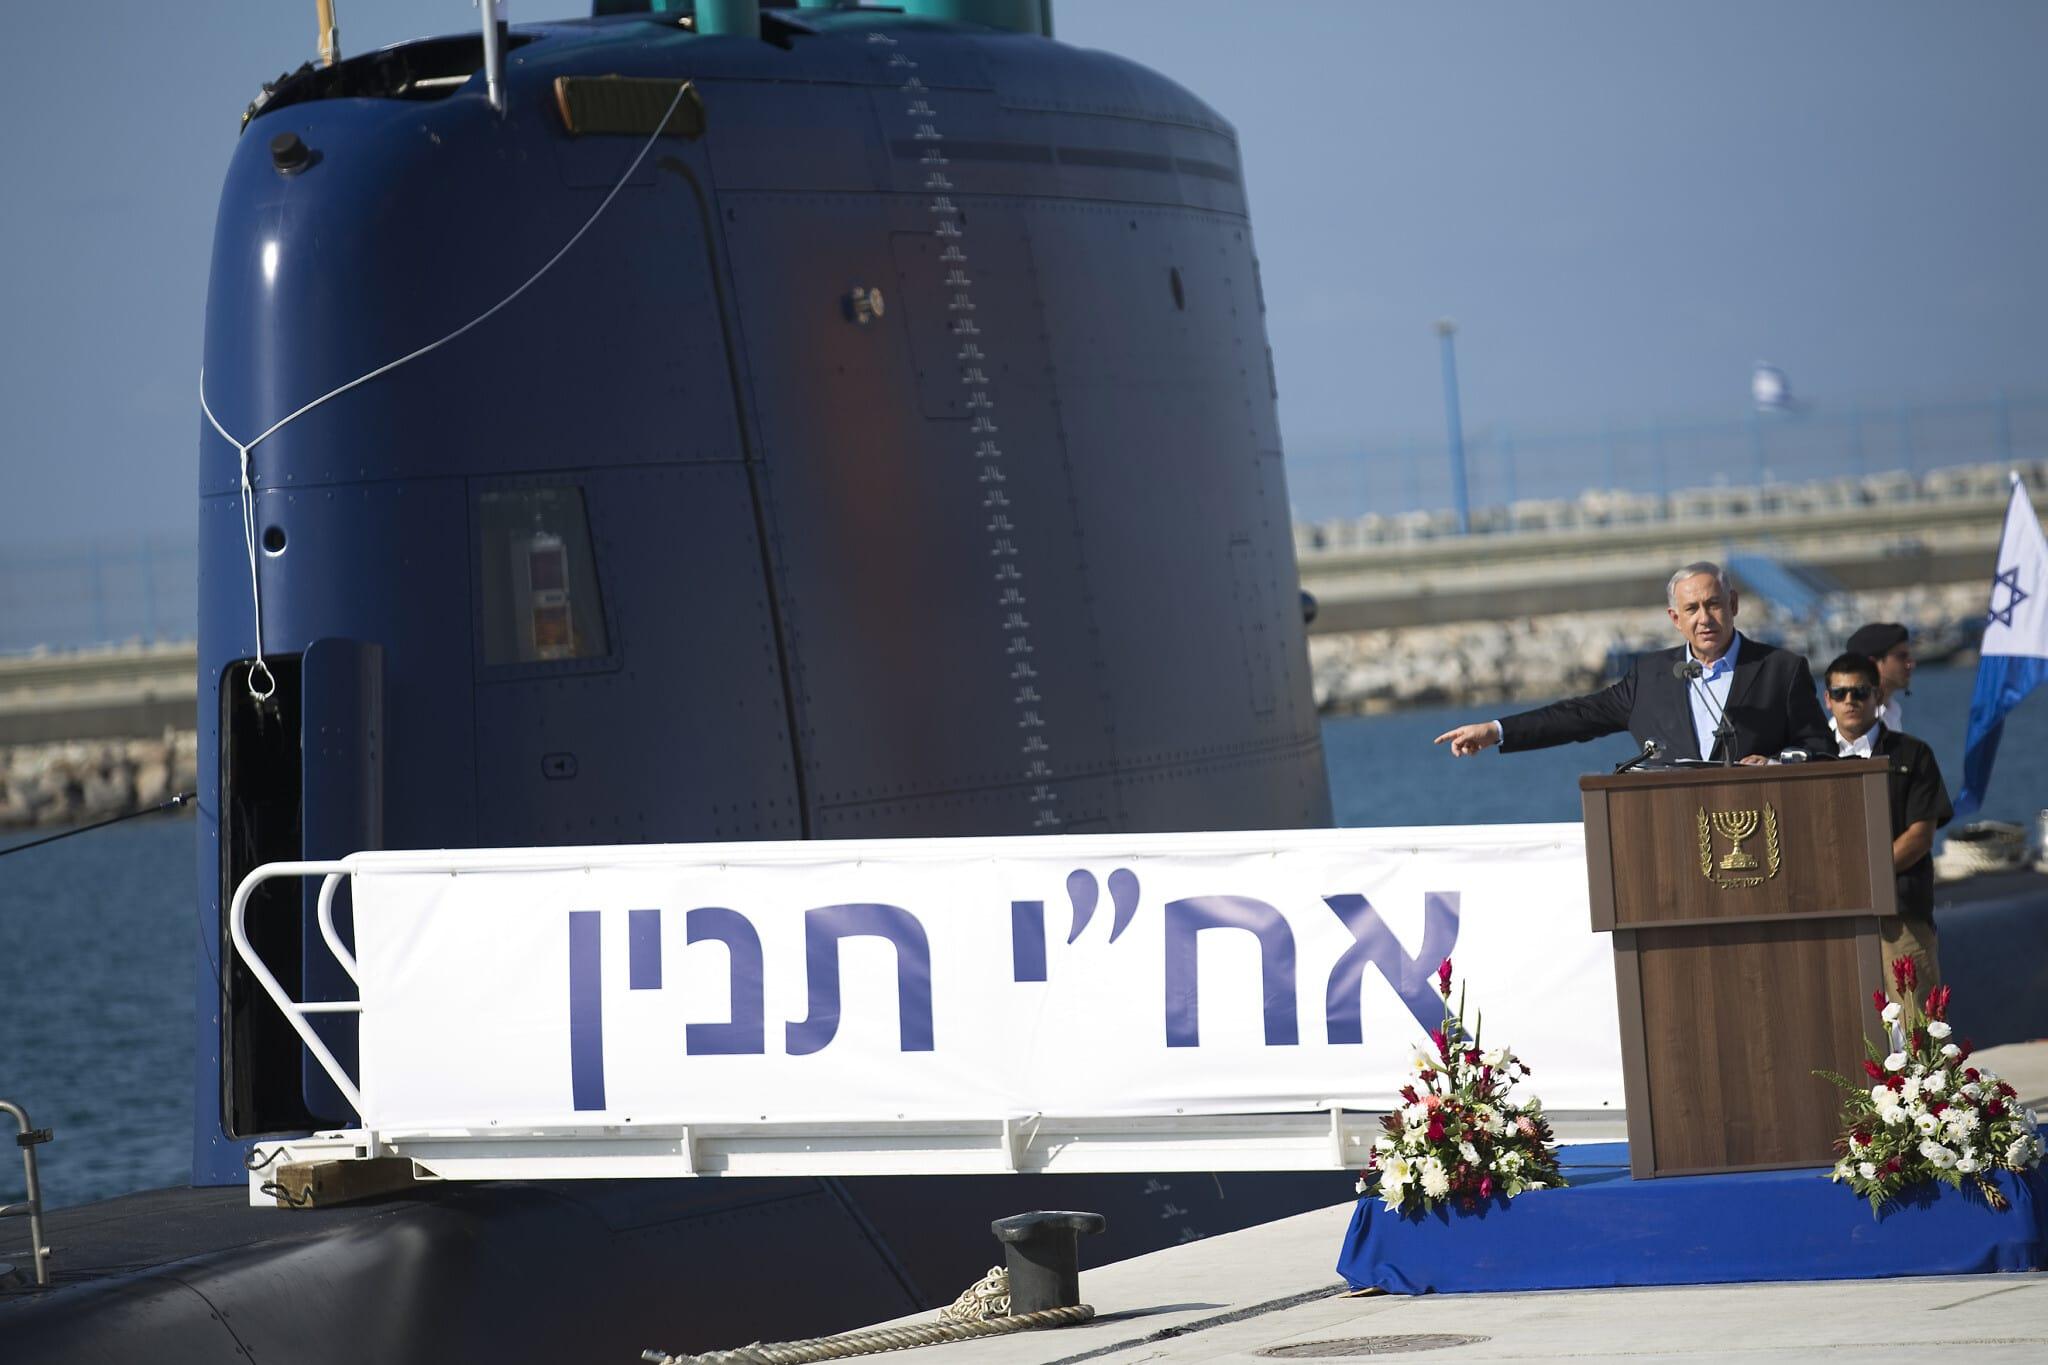 """בנימין נתניהו בטקס לכבוד הגעת הצוללת אח""""י תנין לבסיס חיל הים בחיפה. 23 בספטמבר 2014 (צילום: AP Photo/Amir Cohen, Pool)"""